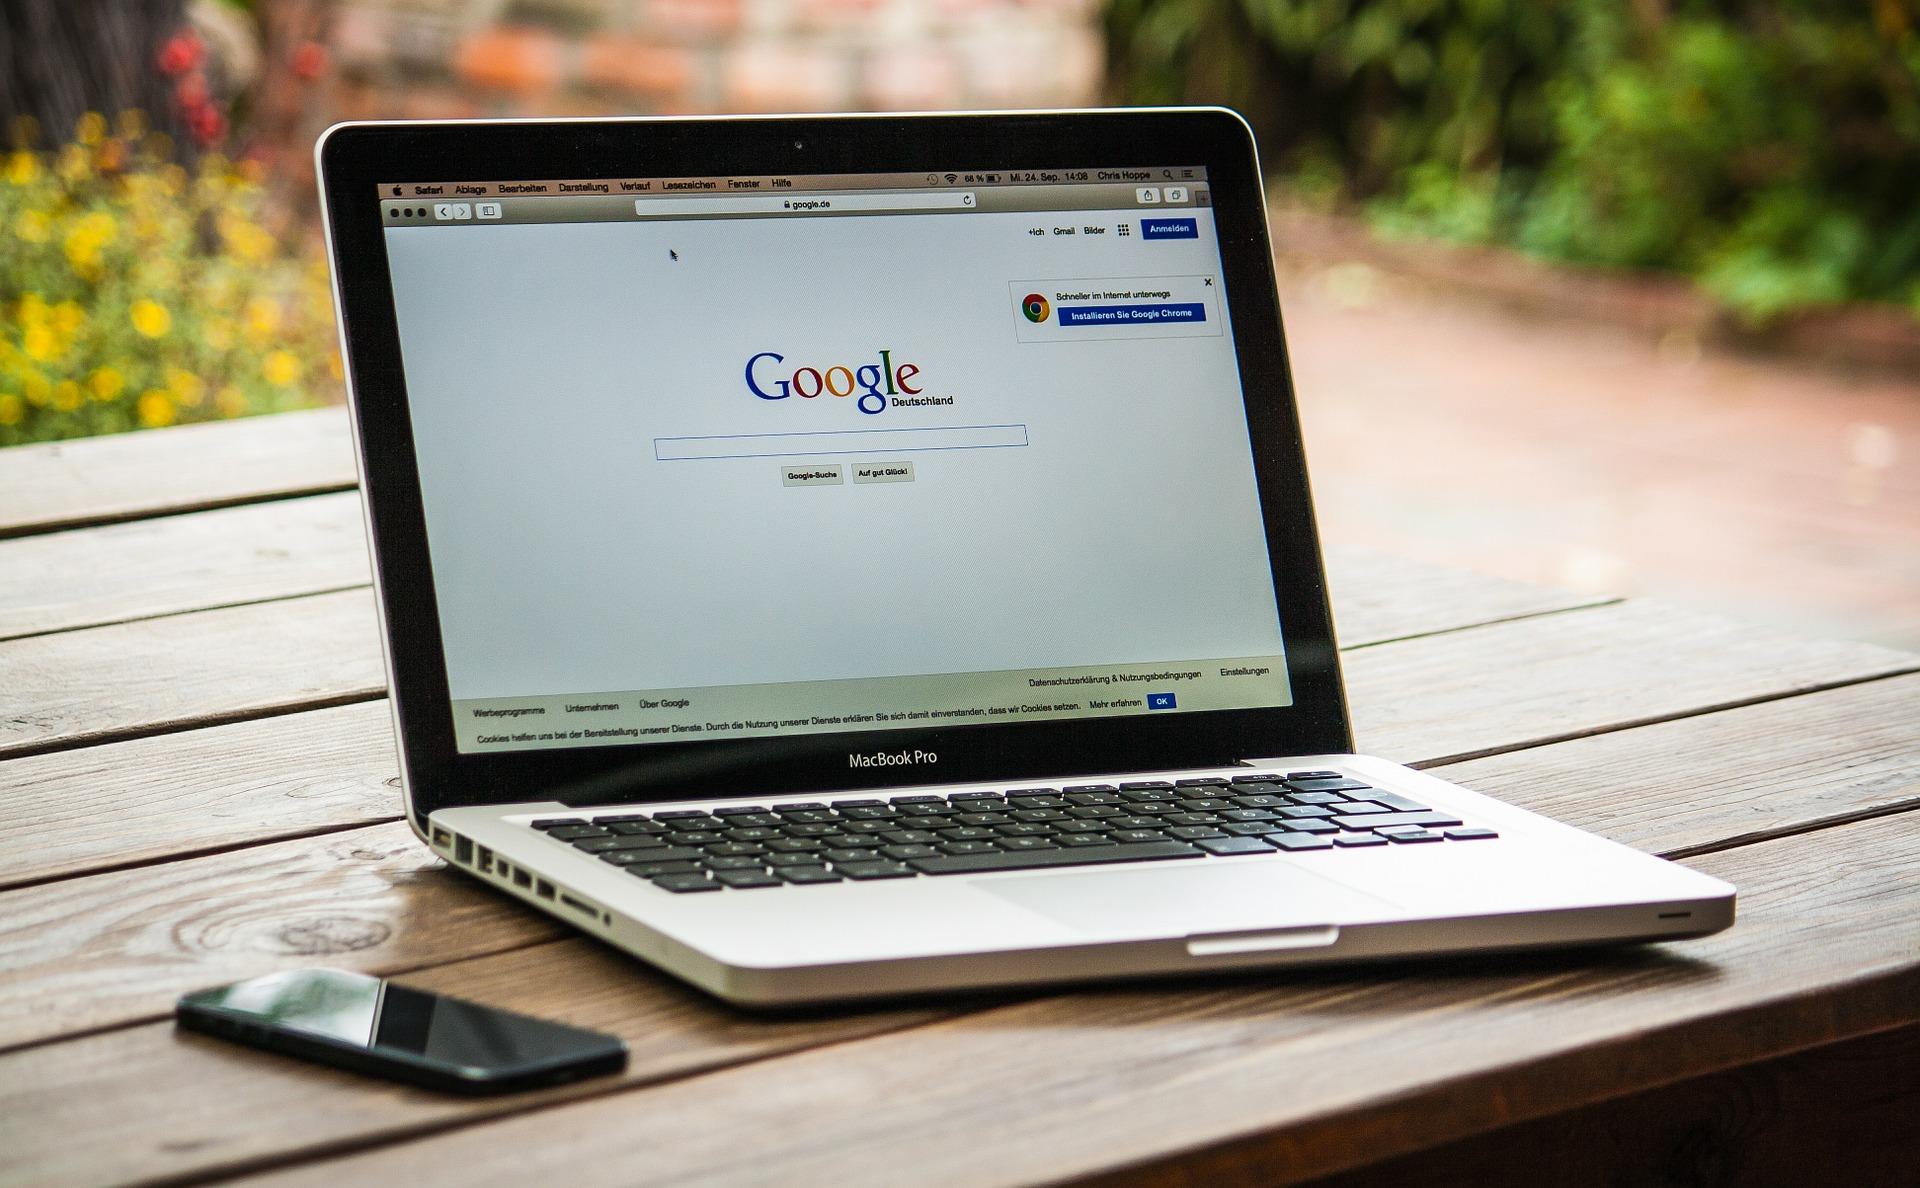 Pourquoi un site e-commerce doit-il à tous prix éviter le duplicate content pour améliorer le référencement de ses fiches produits?